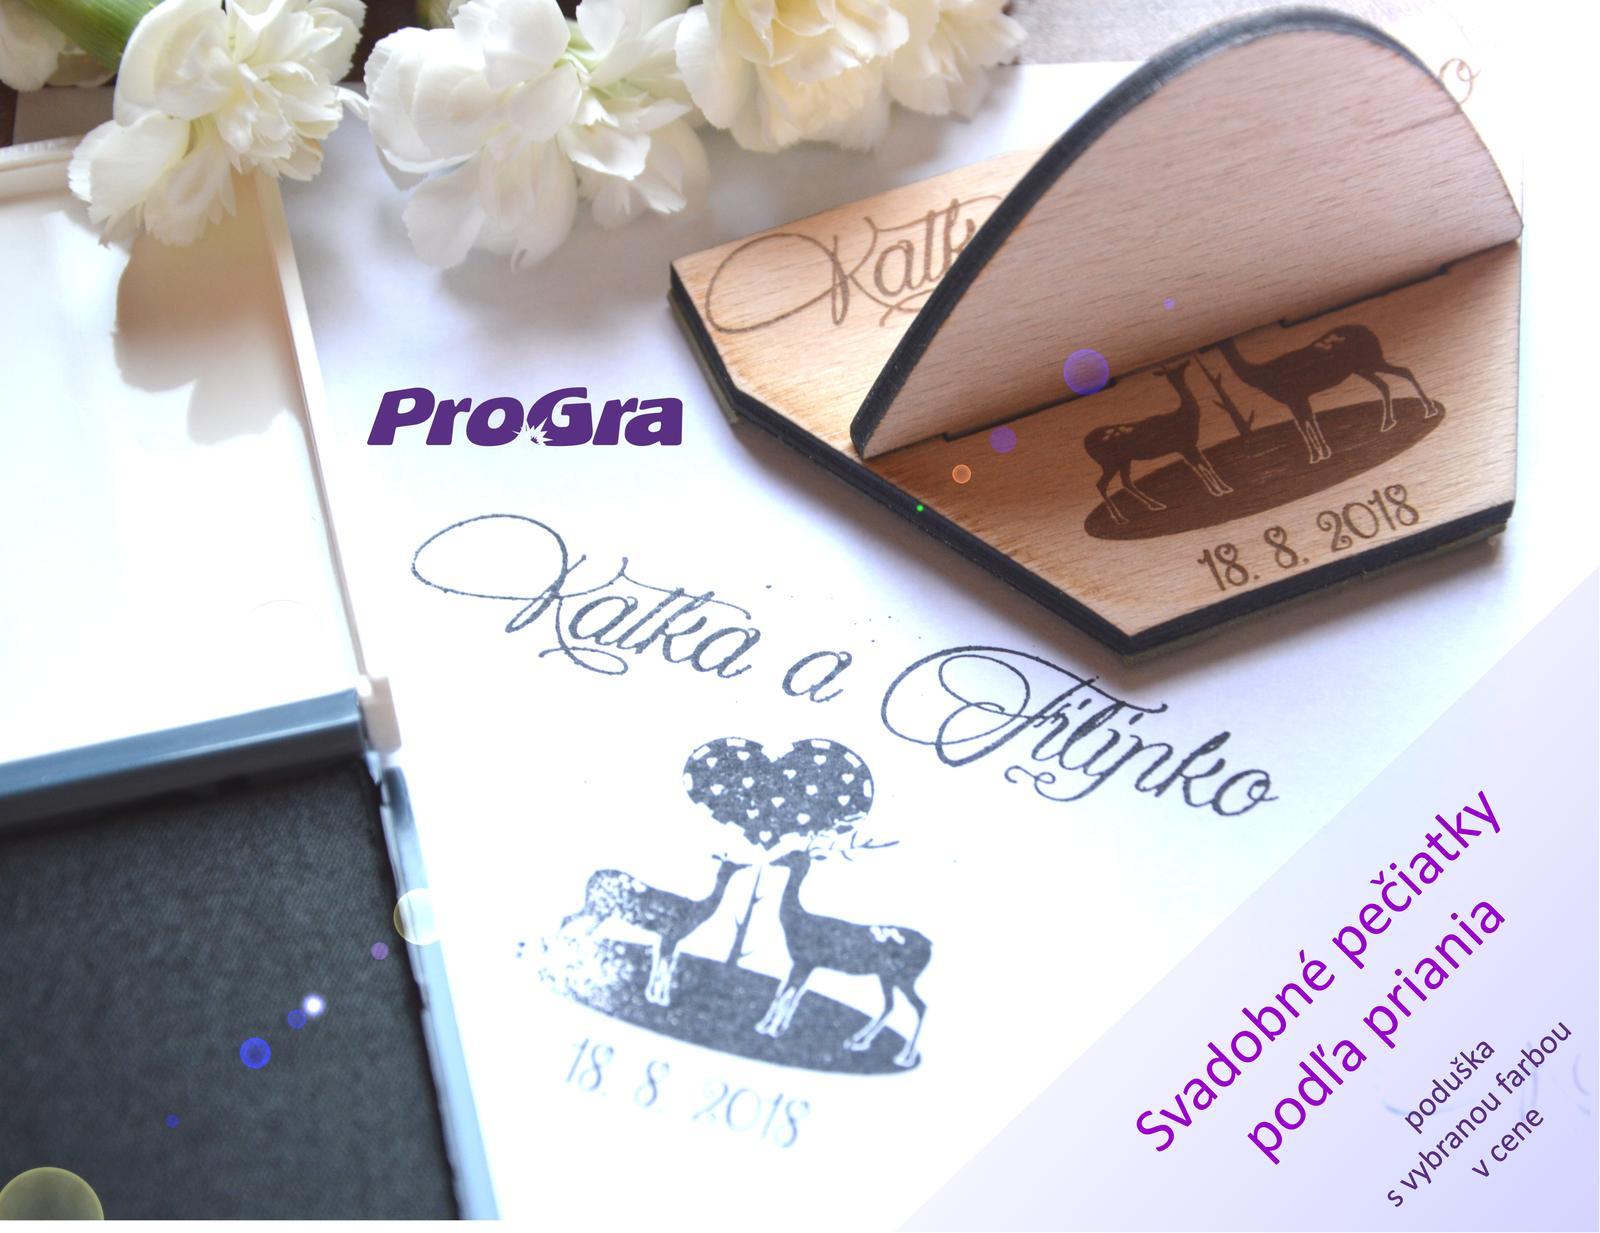 Svatební razítka - razítko s grafikou vytvořenou na základě přání zákazníků